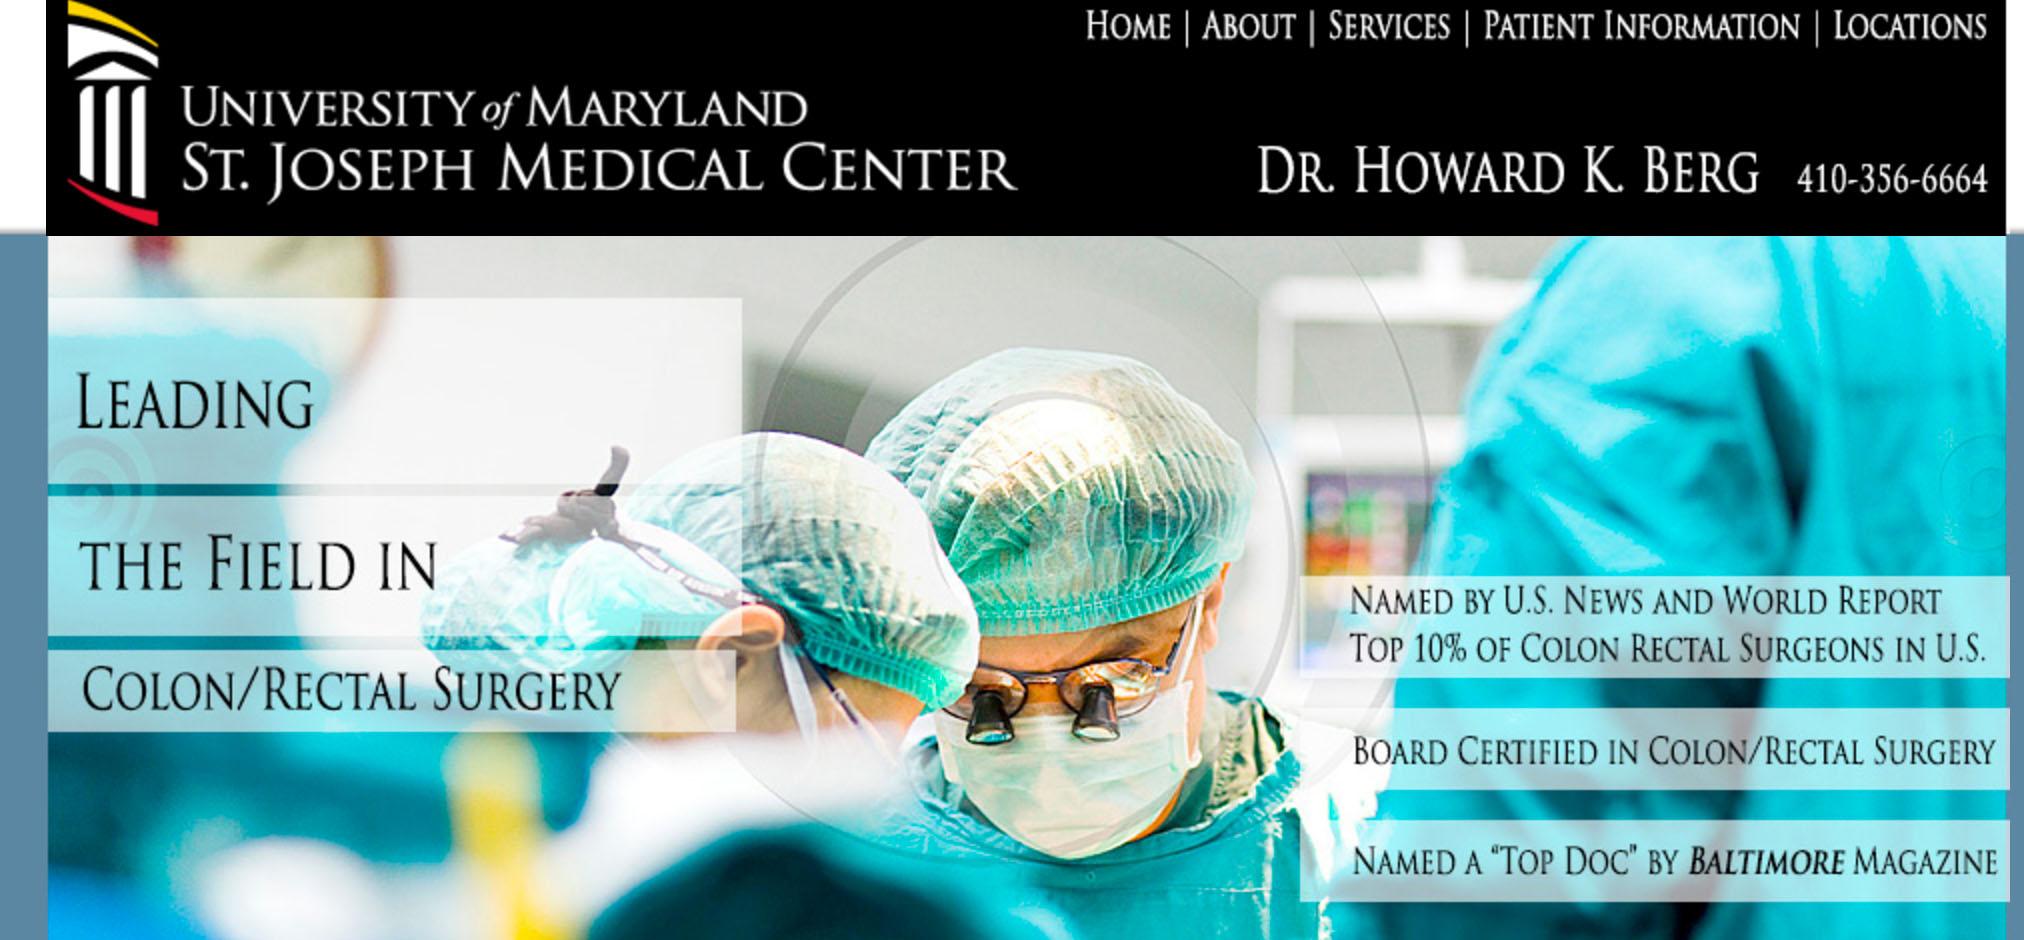 U of Md. St. Josephs Med Center